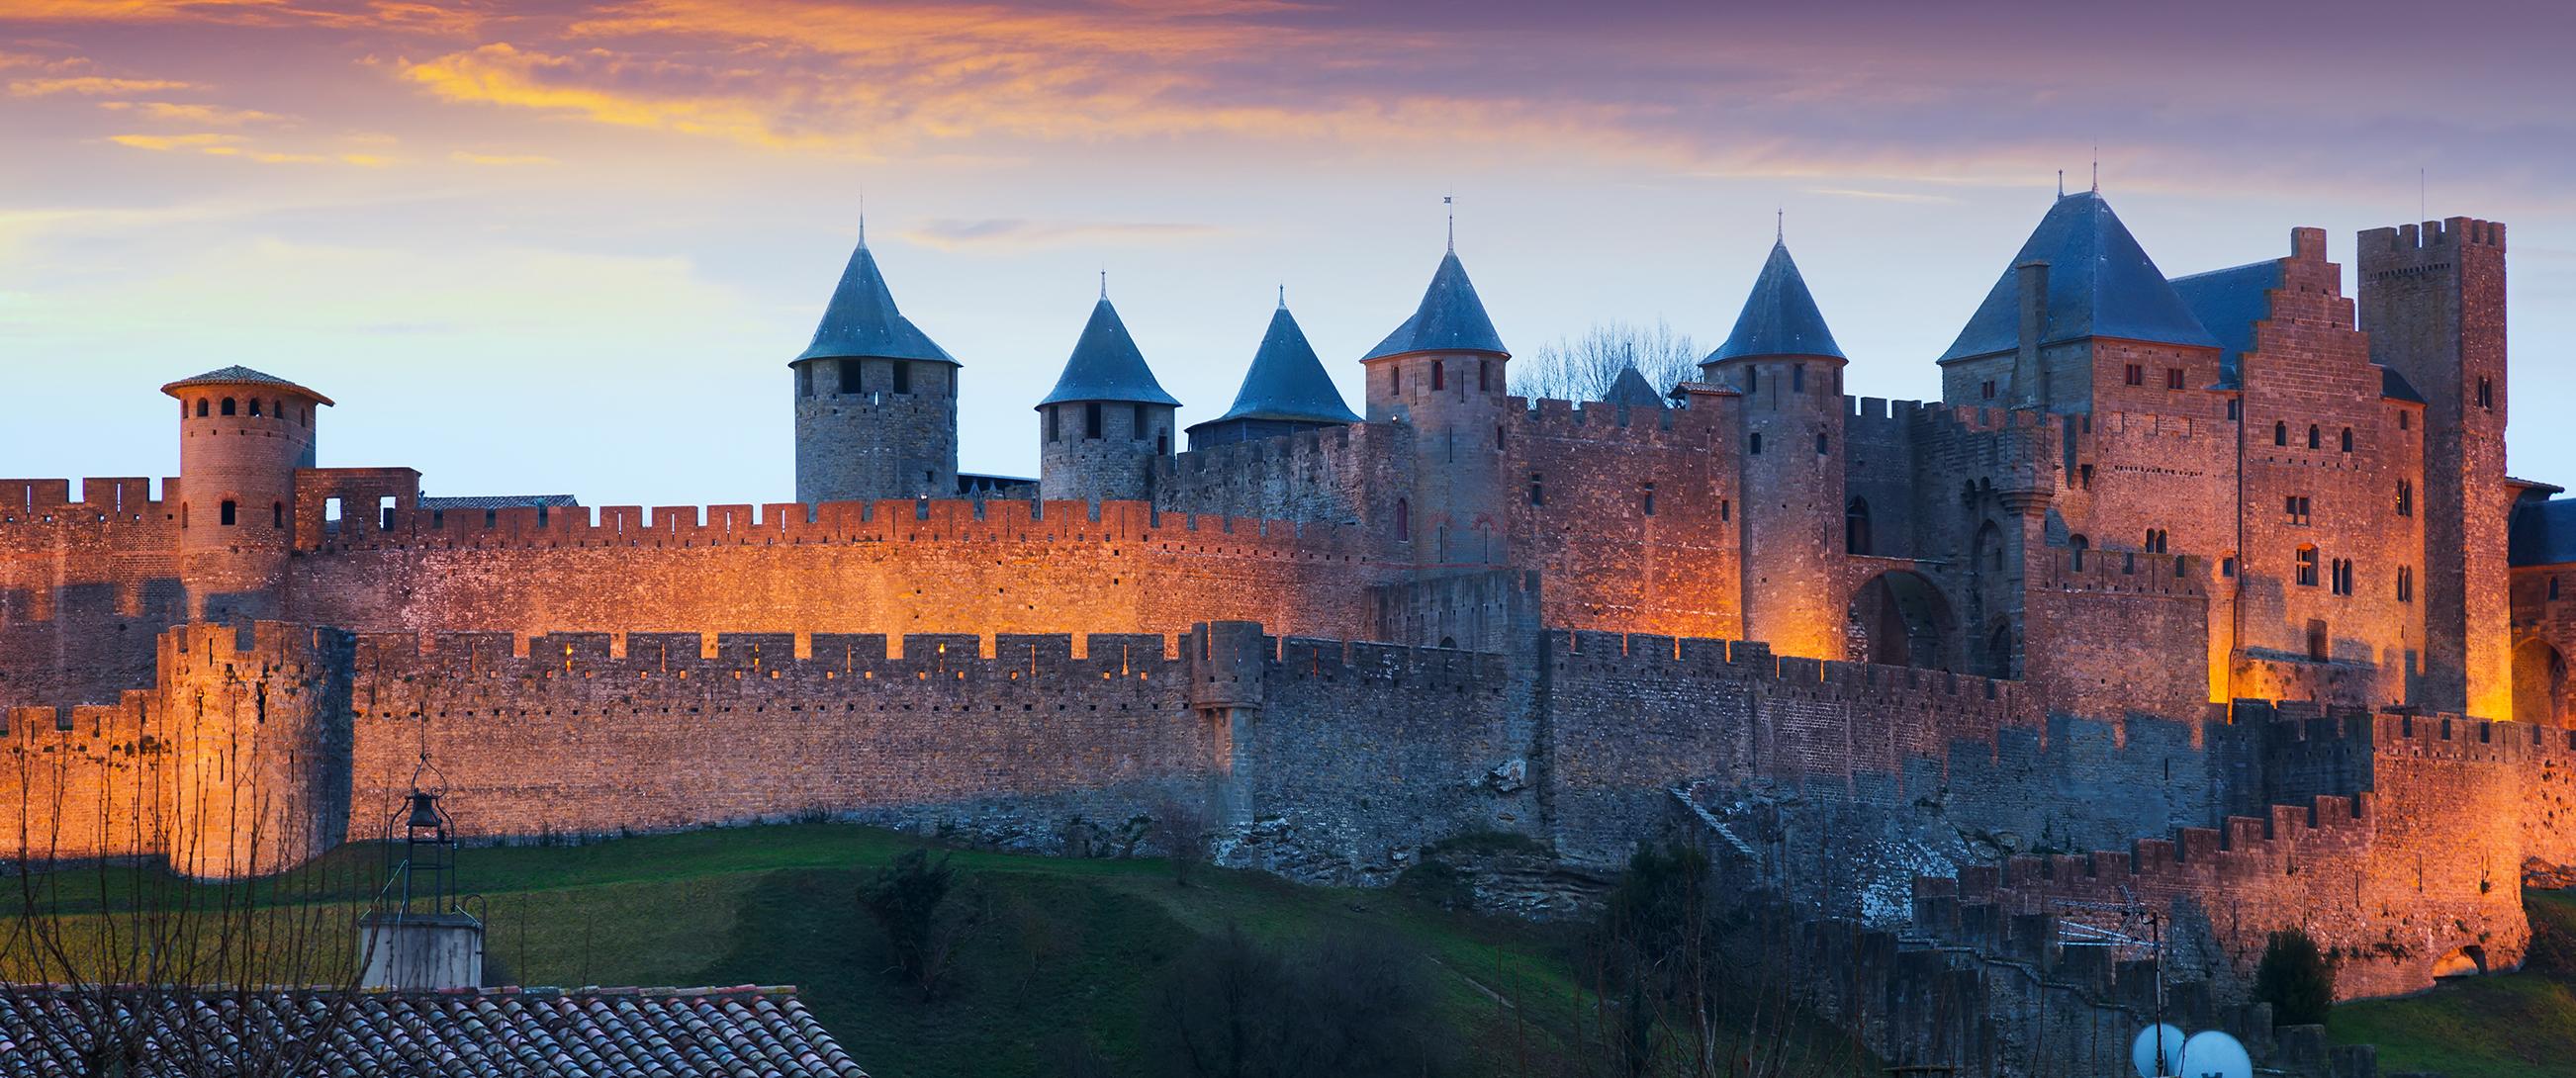 Séminaire Aude château